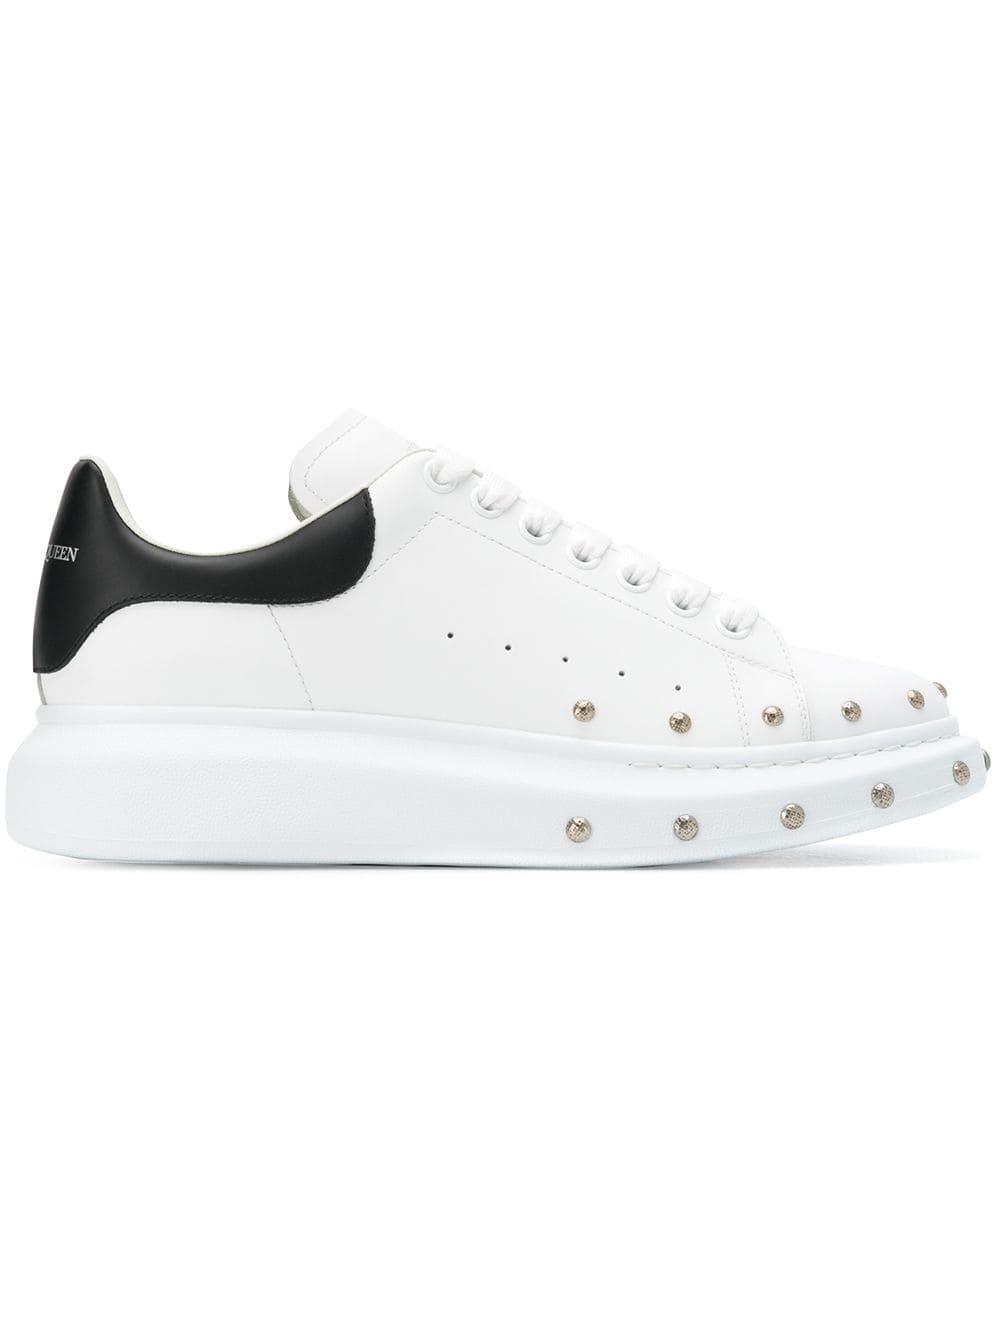 d7adf7f26 Alexander McQueen массивные кроссовки с заклепками - Glami.ru